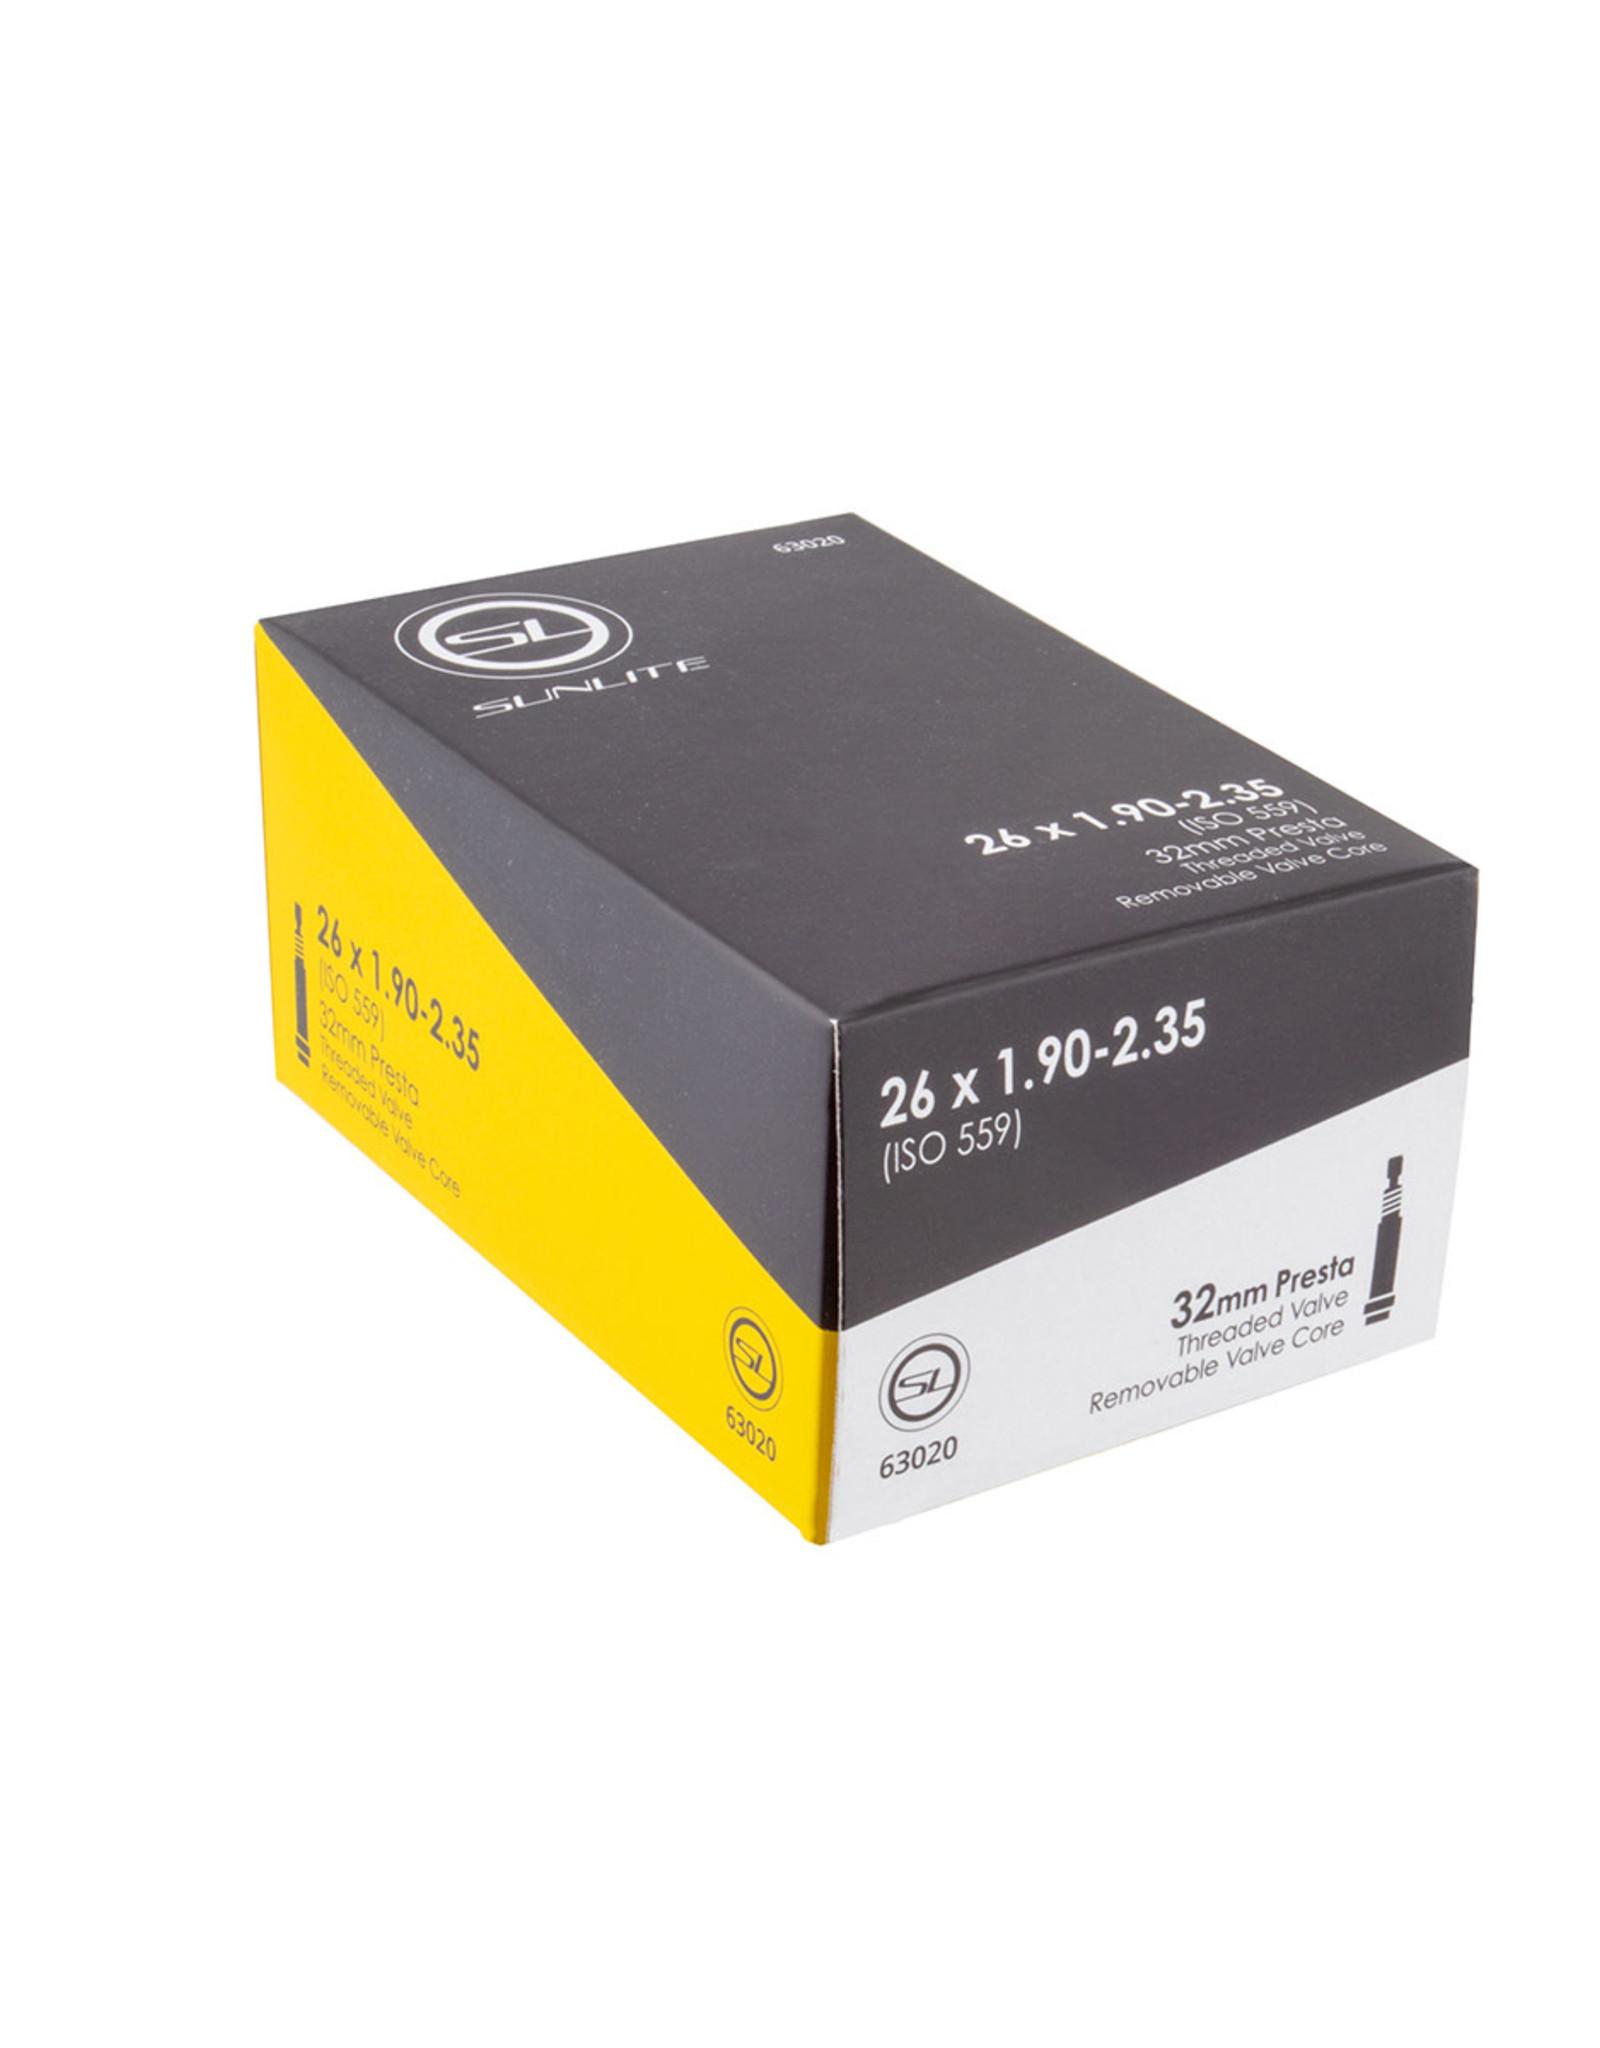 Sunlite TUBE 26x1.90-2.35 PV 48mm